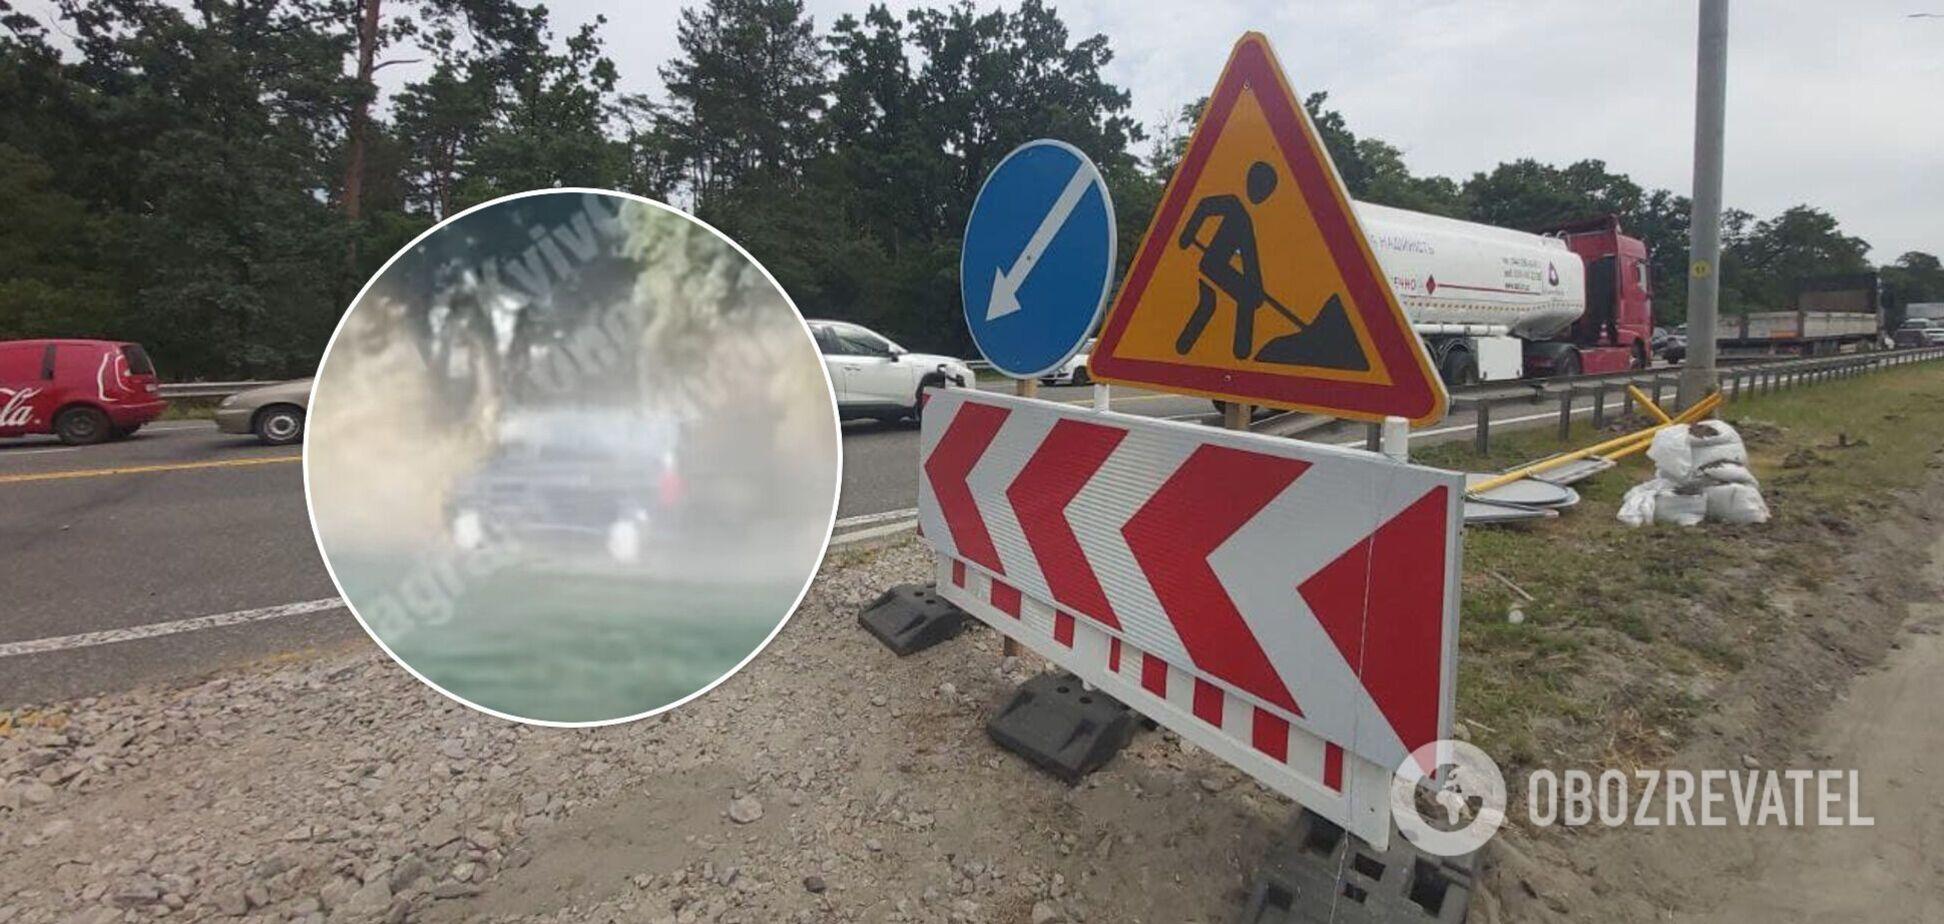 Проезжая по бездорожью автомобили поднимают тучи пыли